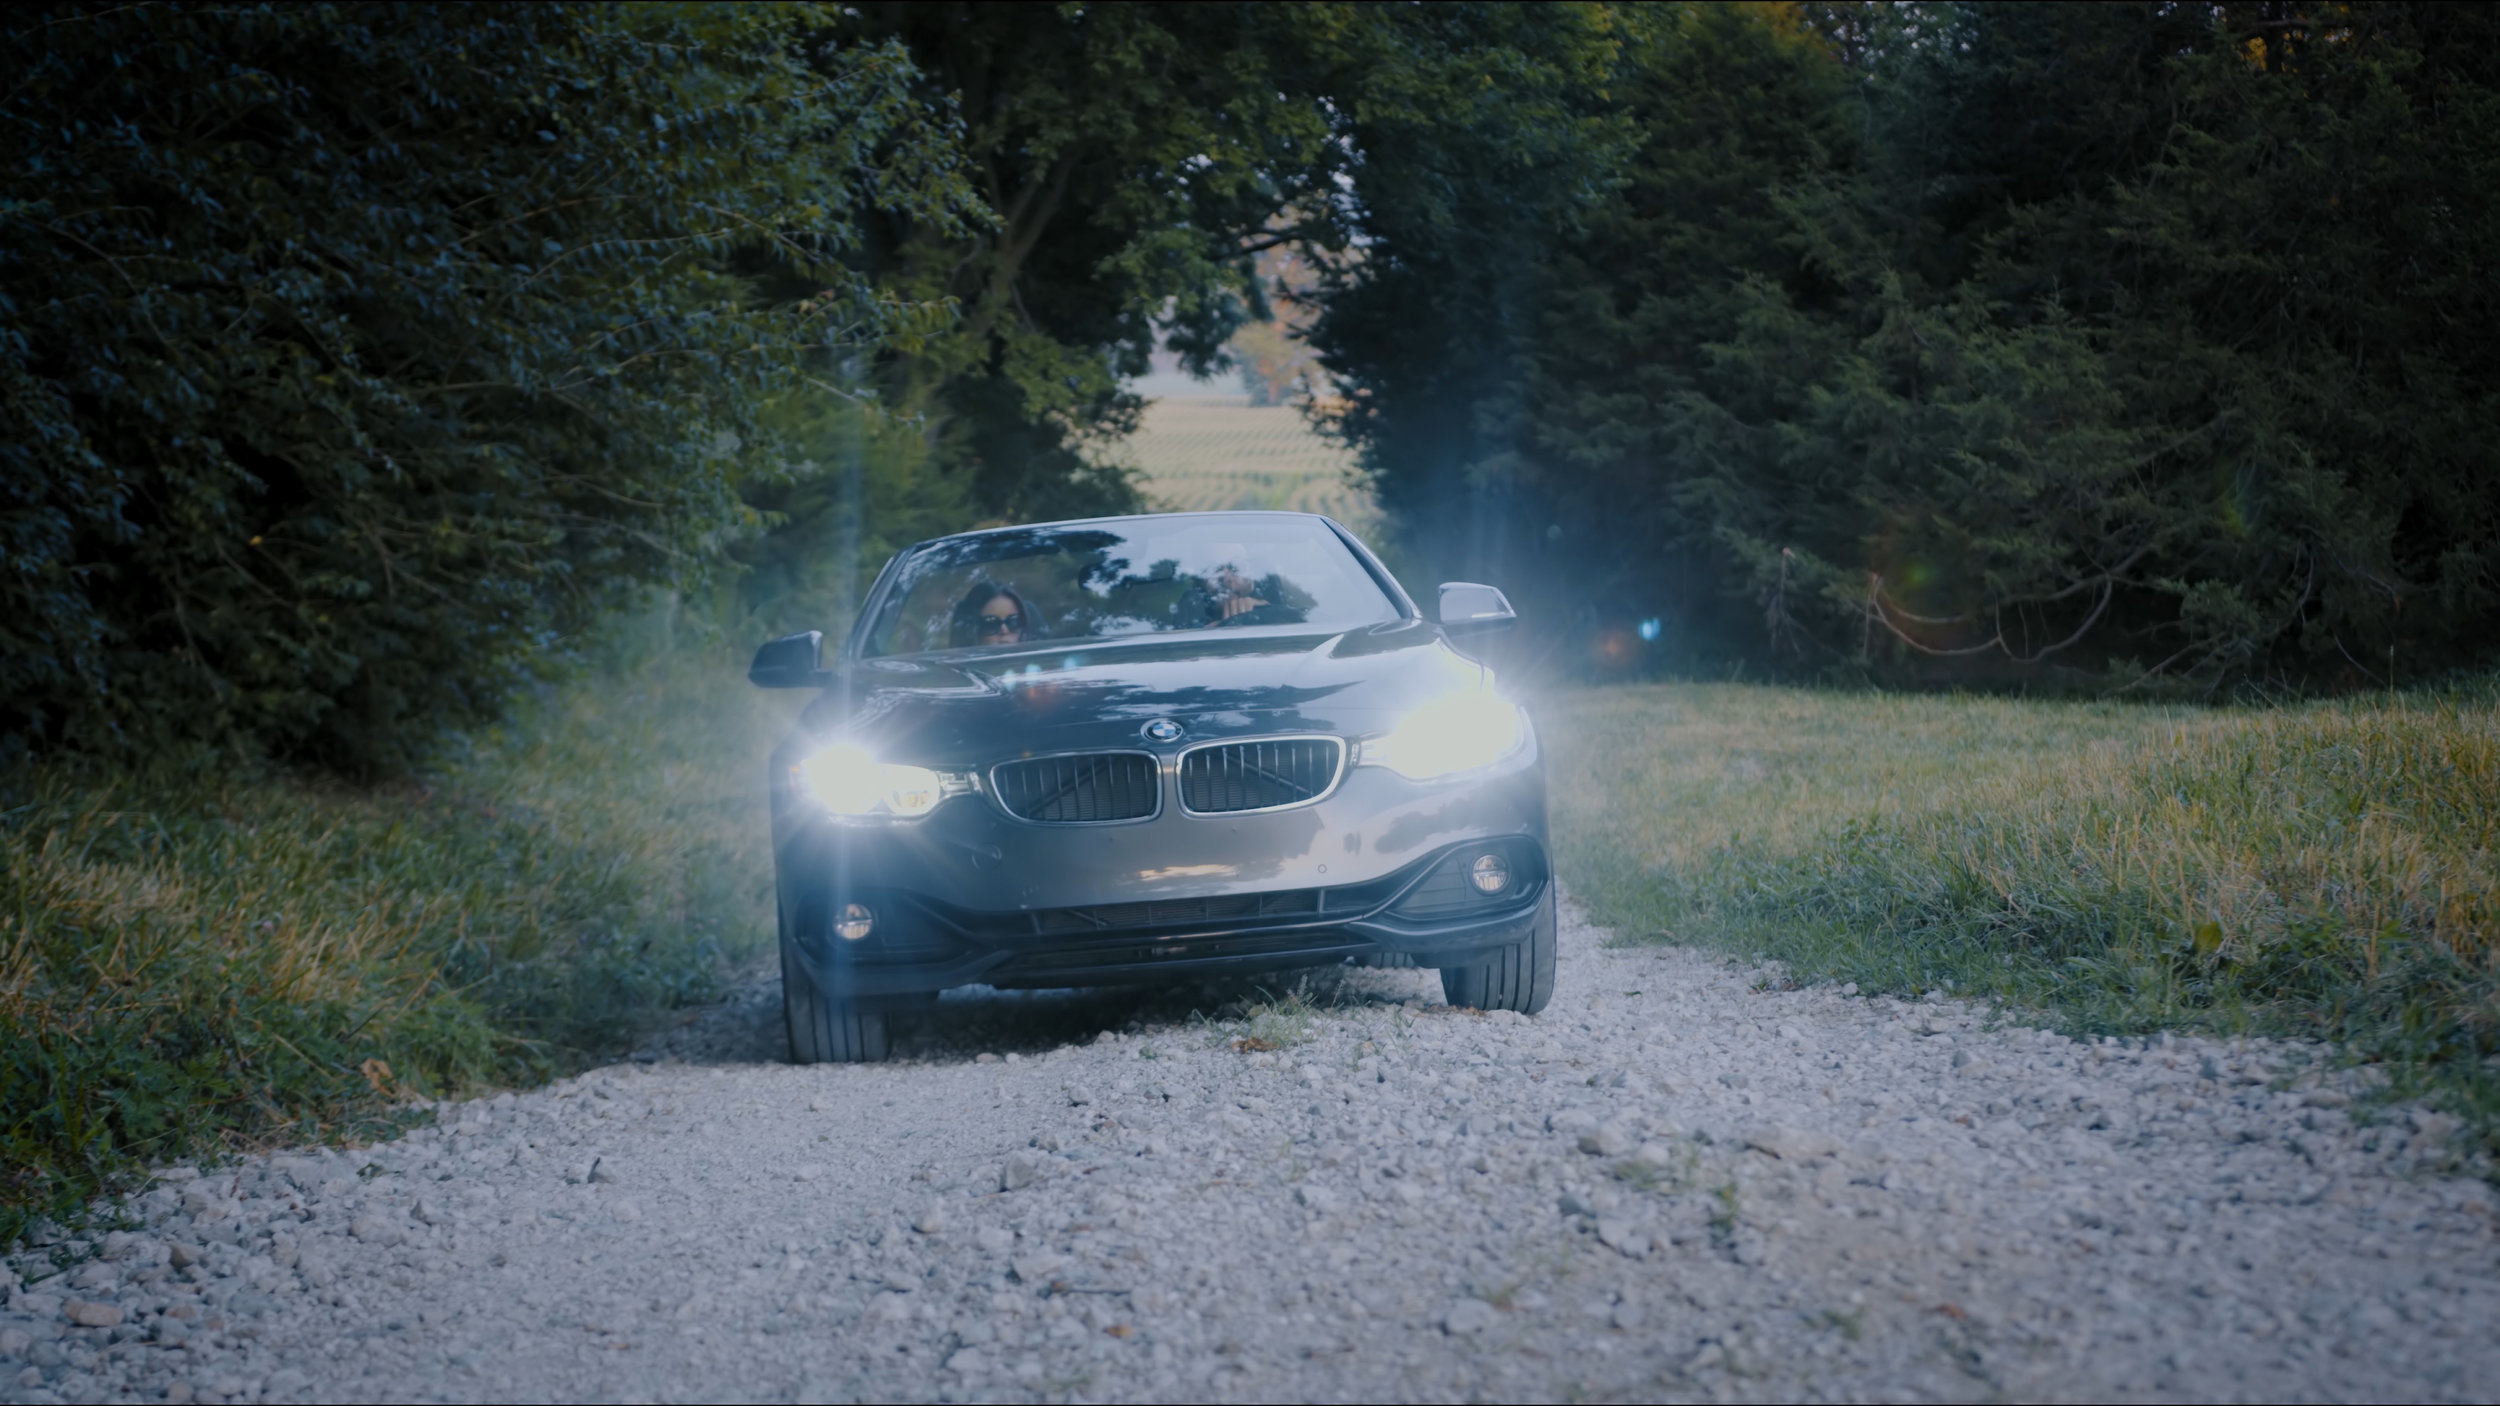 Autohaus BMW Culture 4K Final 3.00_02_33_04.Still045.jpg